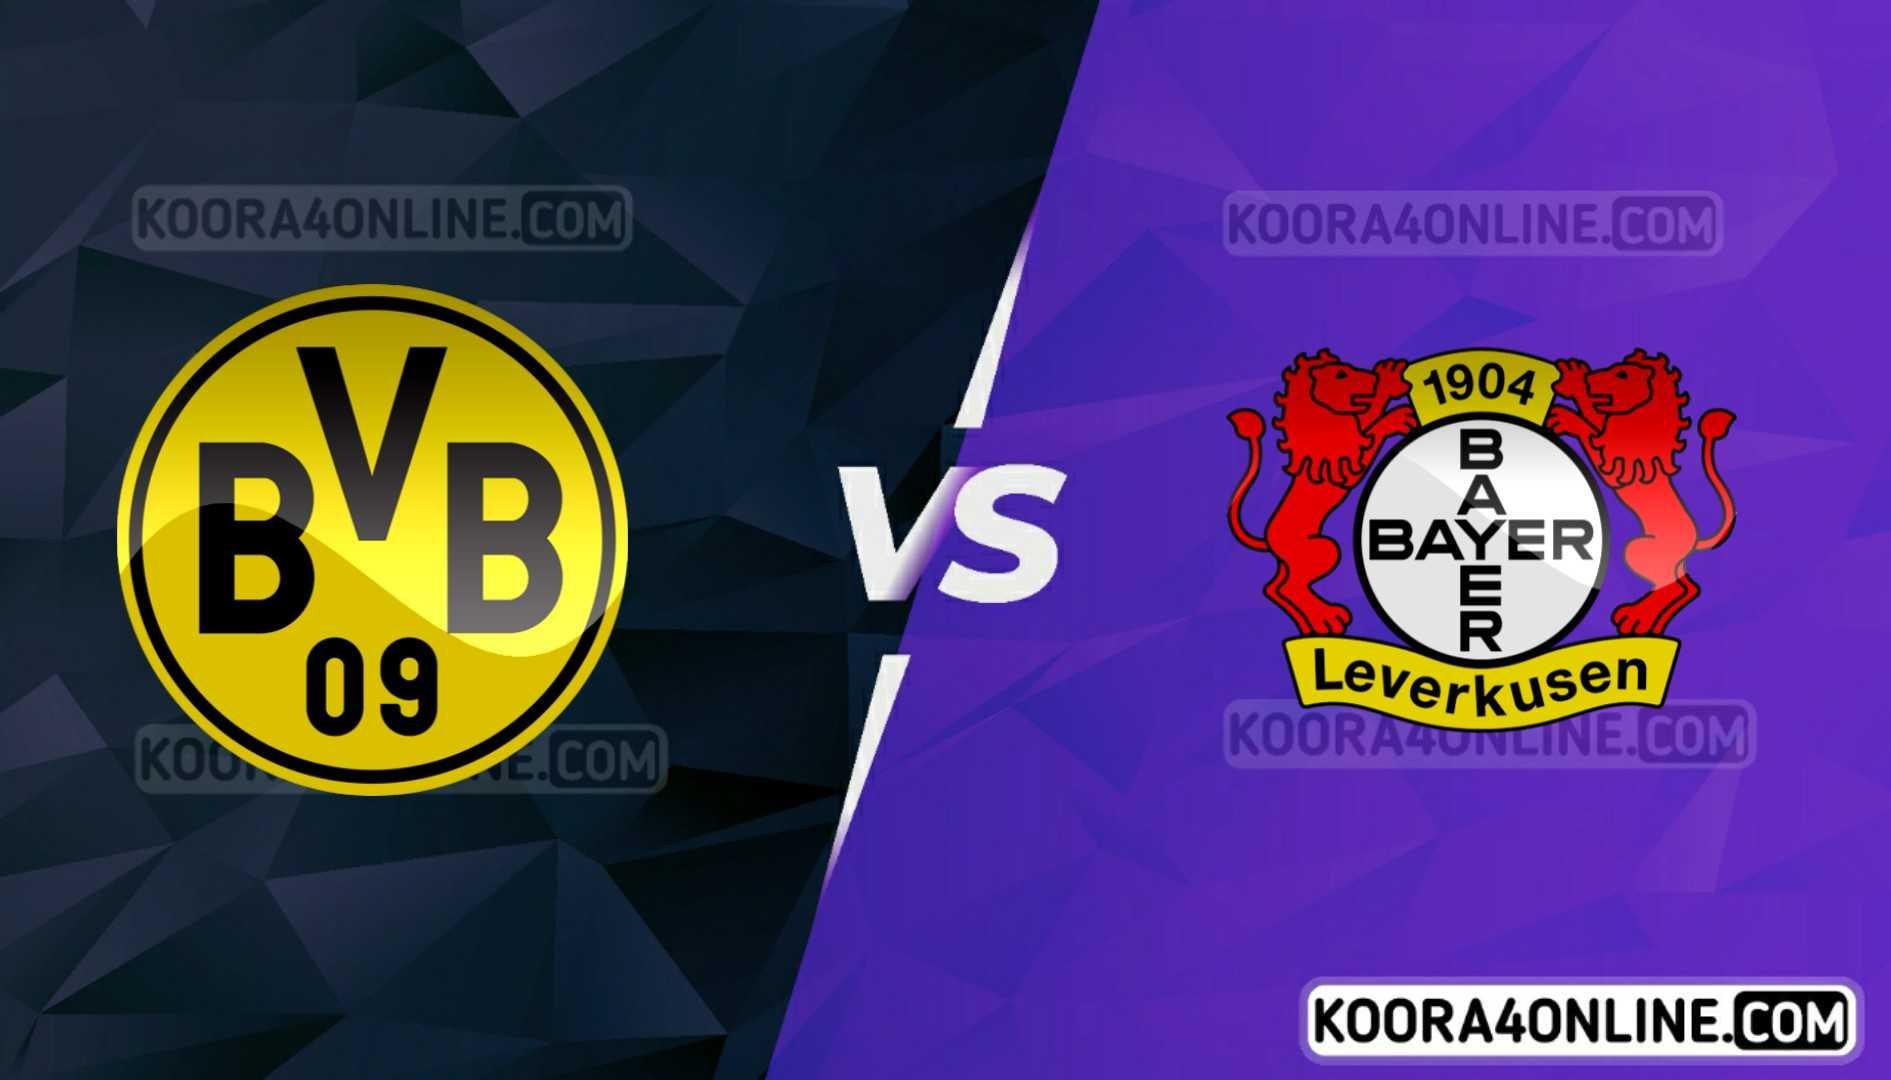 مشاهدة مباراة باير ليفركوزن وبروسيا دورتموند القادمة كورة اون لاين بث مباشر اليوم 11-09-2021 في الدوري الألماني